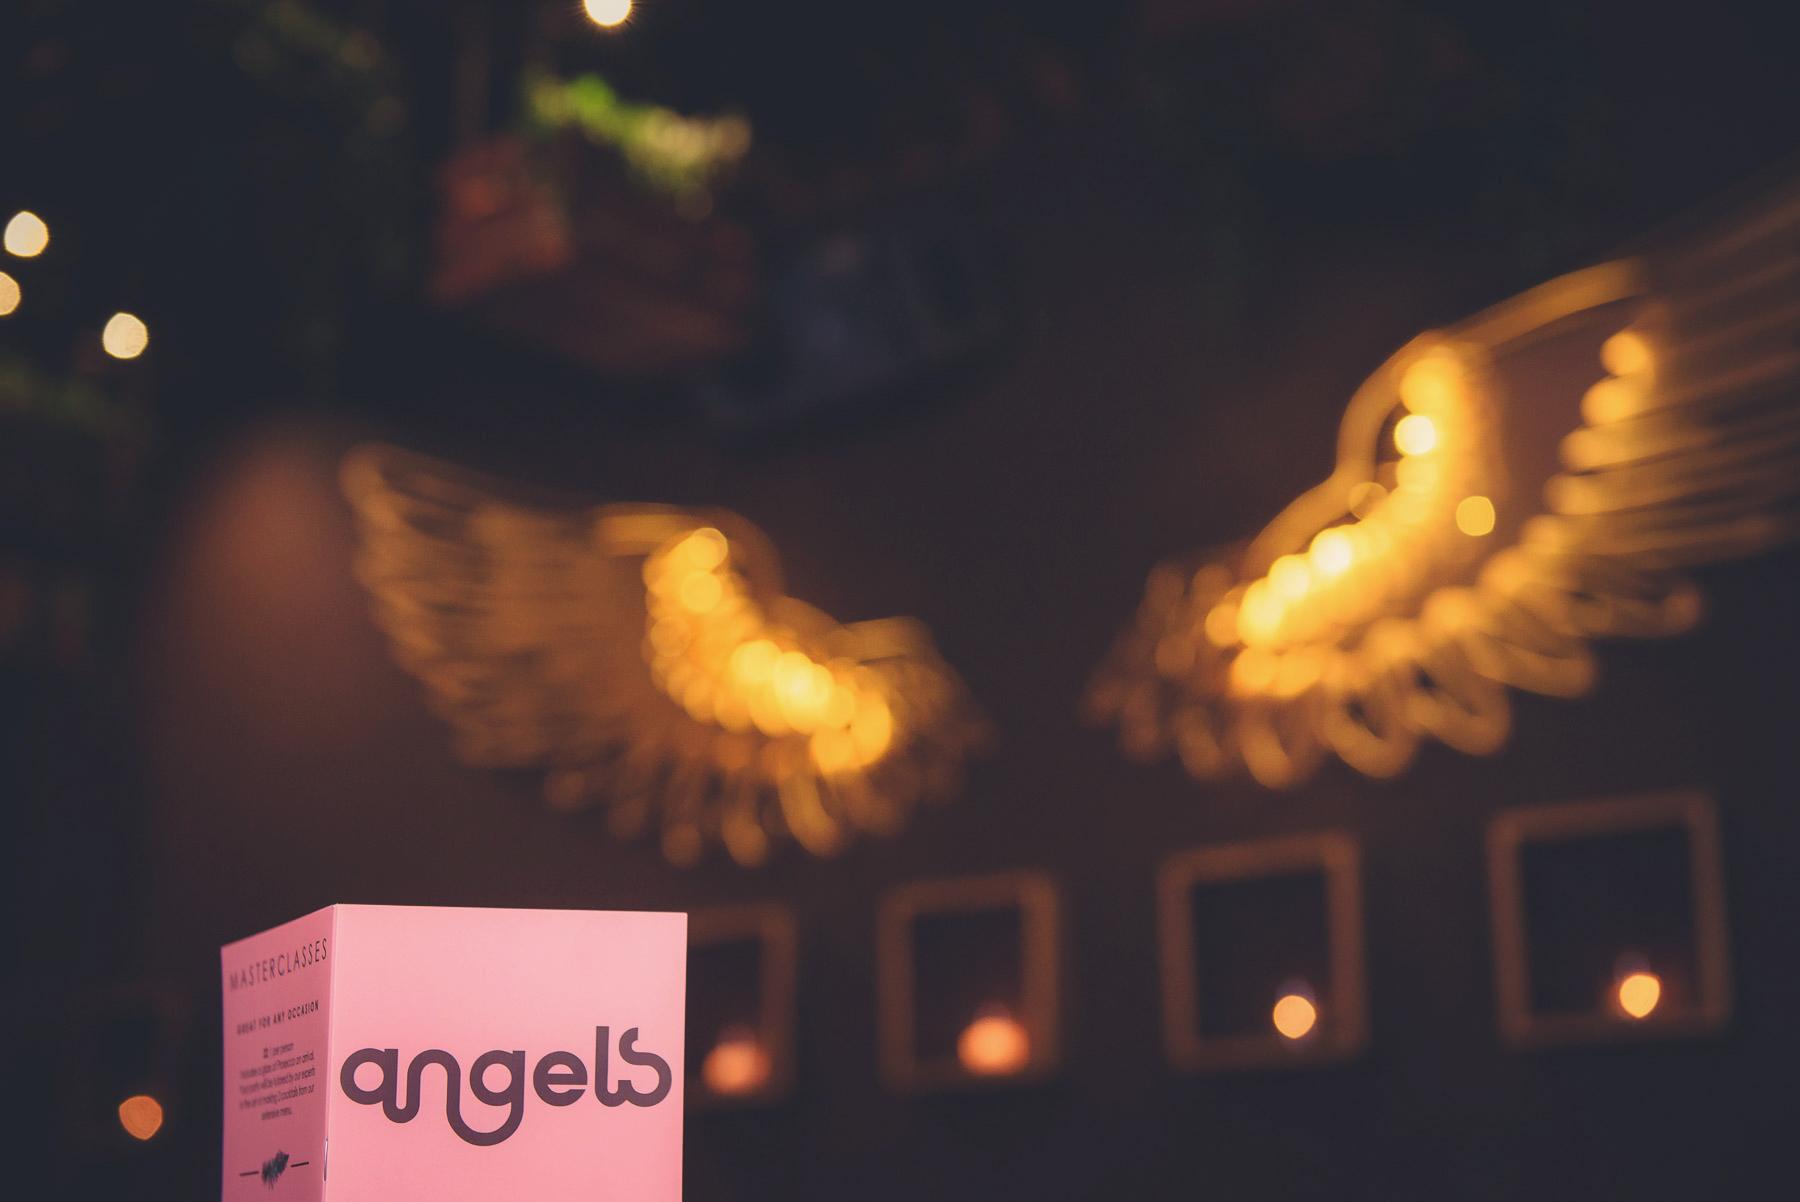 come2Ustudio Angels 06.10.2018-45.jpg